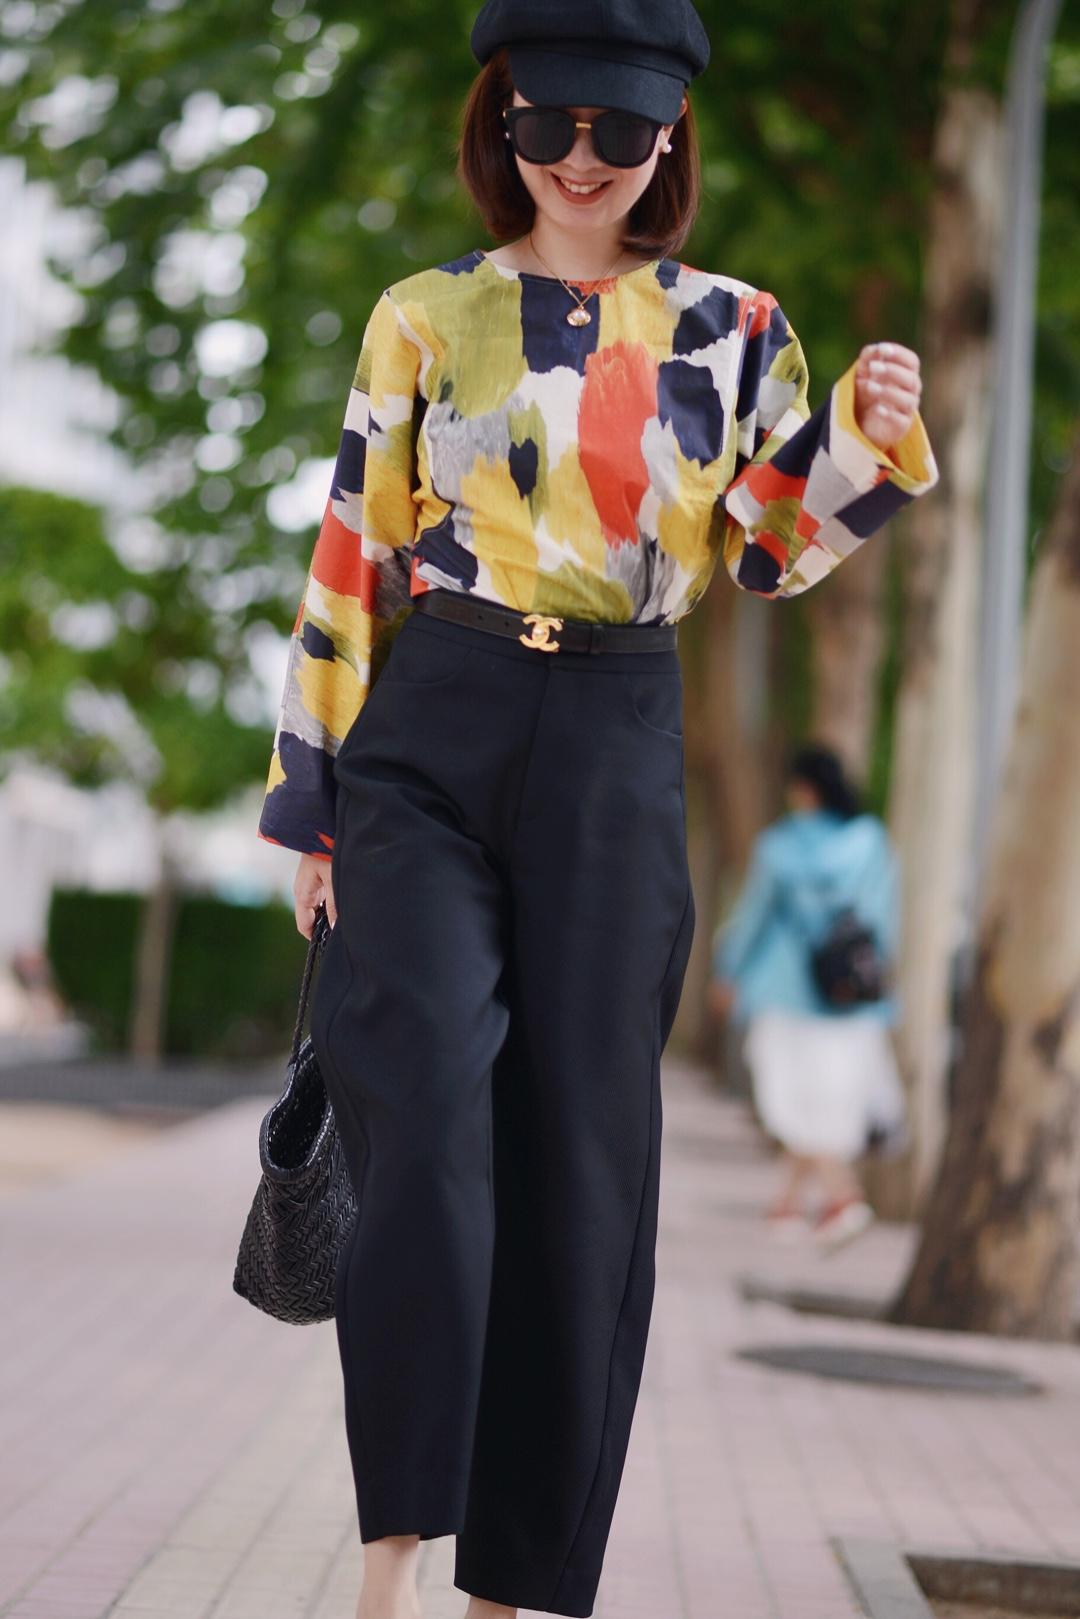 抽象印花长袖罩衫,流行的牛油果色我最爱,约会搭配时髦又俏皮~ #立秋囤秋装,九月你最靓!#